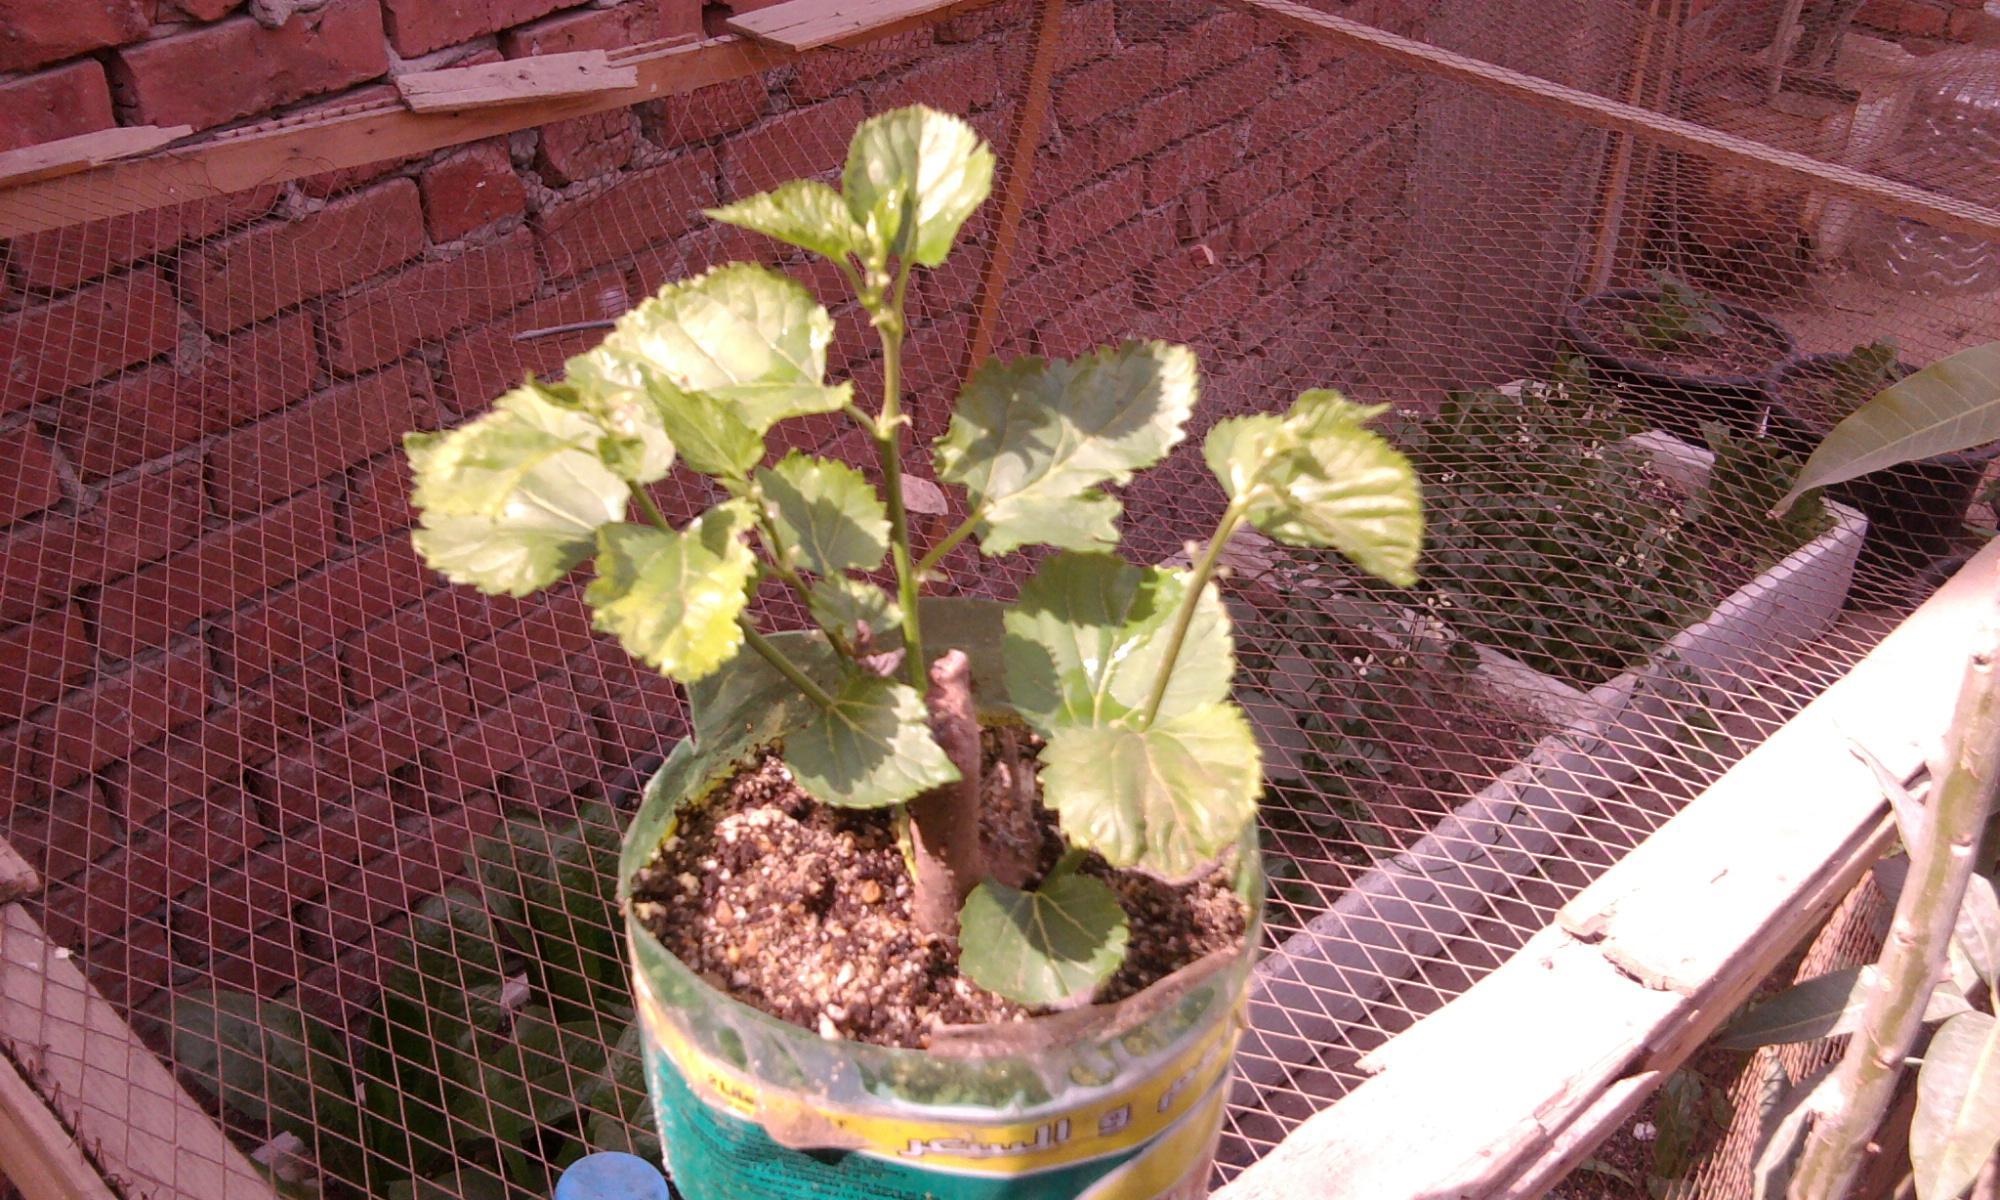 زراعة التوت والجهنمية والفيكس نيتدا 900754759.jpg